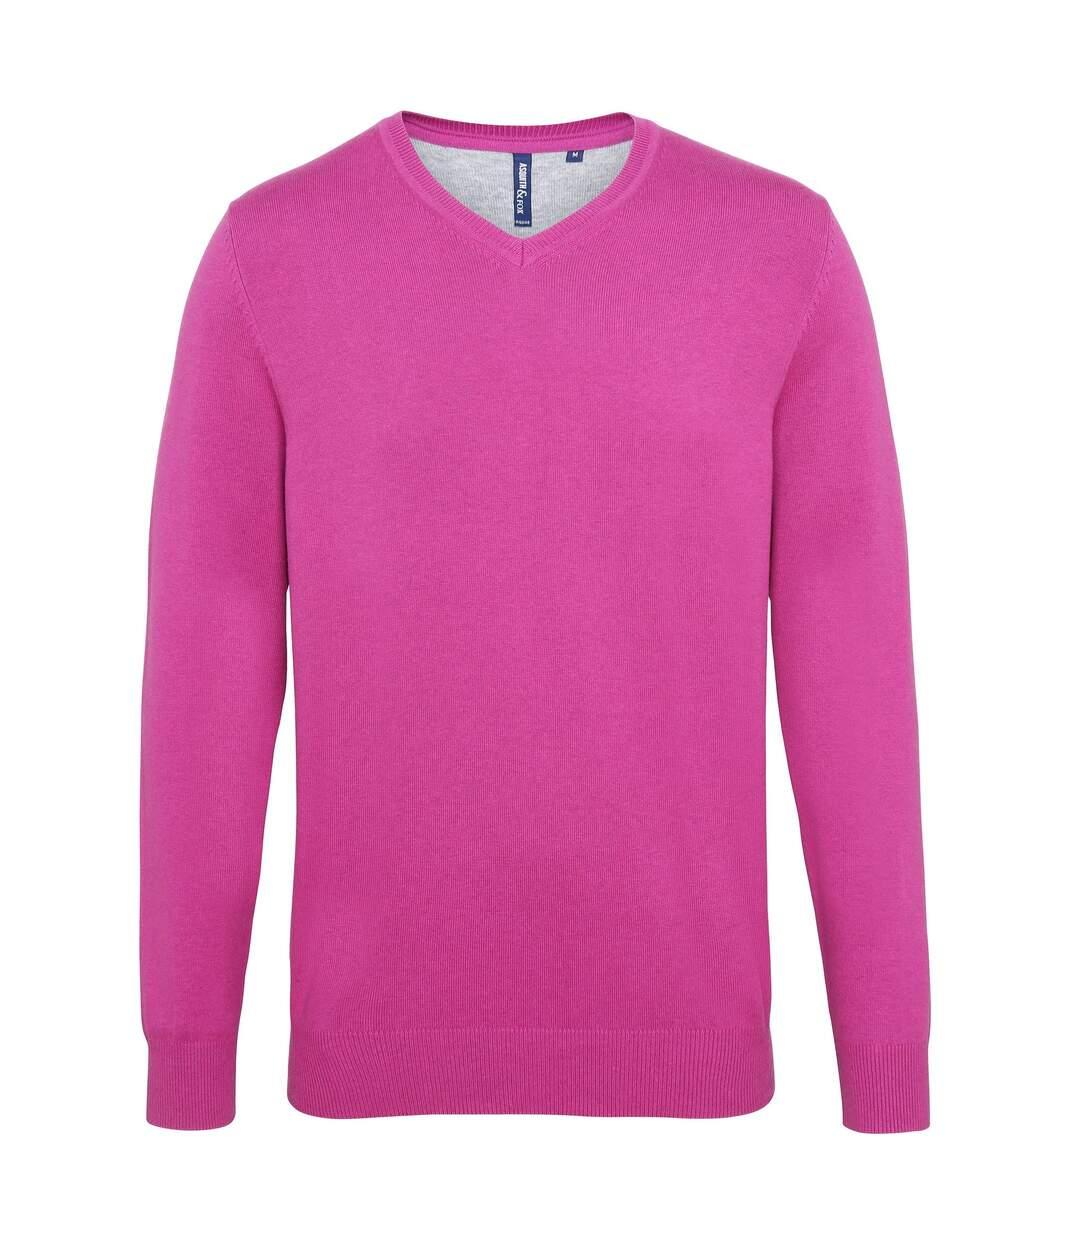 Asquith & Fox - Pull en coton à col V - Homme (Rouge cerise) - UTRW5188